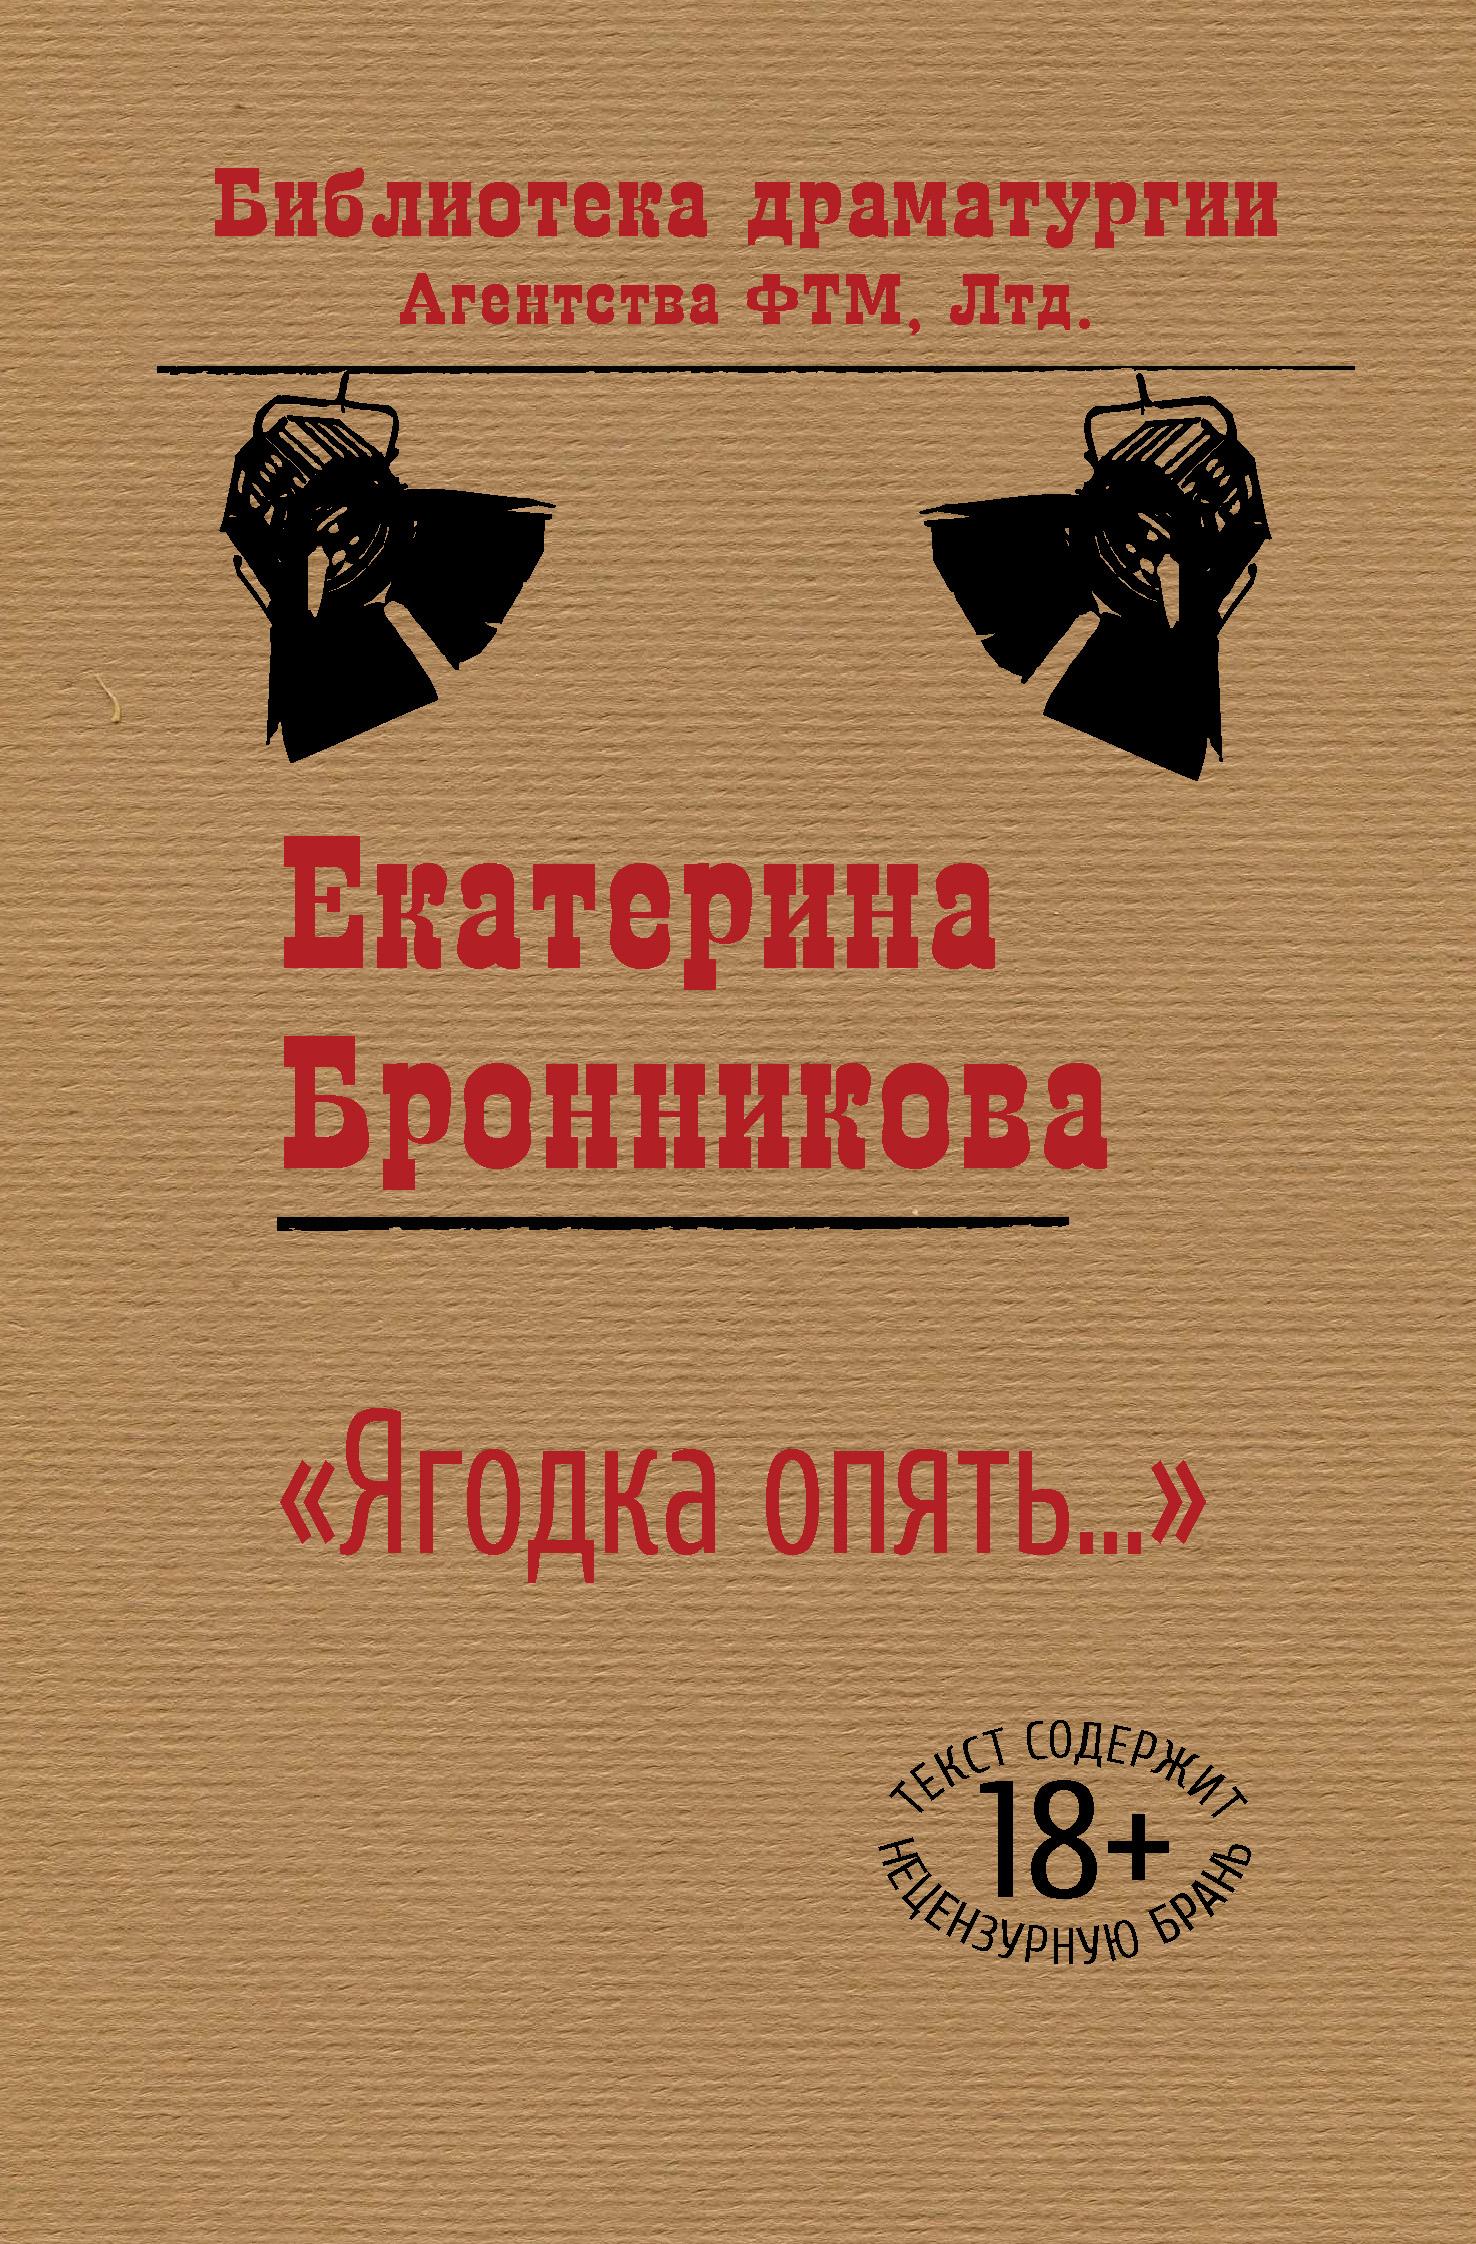 Екатерина Бронникова «Ягодка опять…»